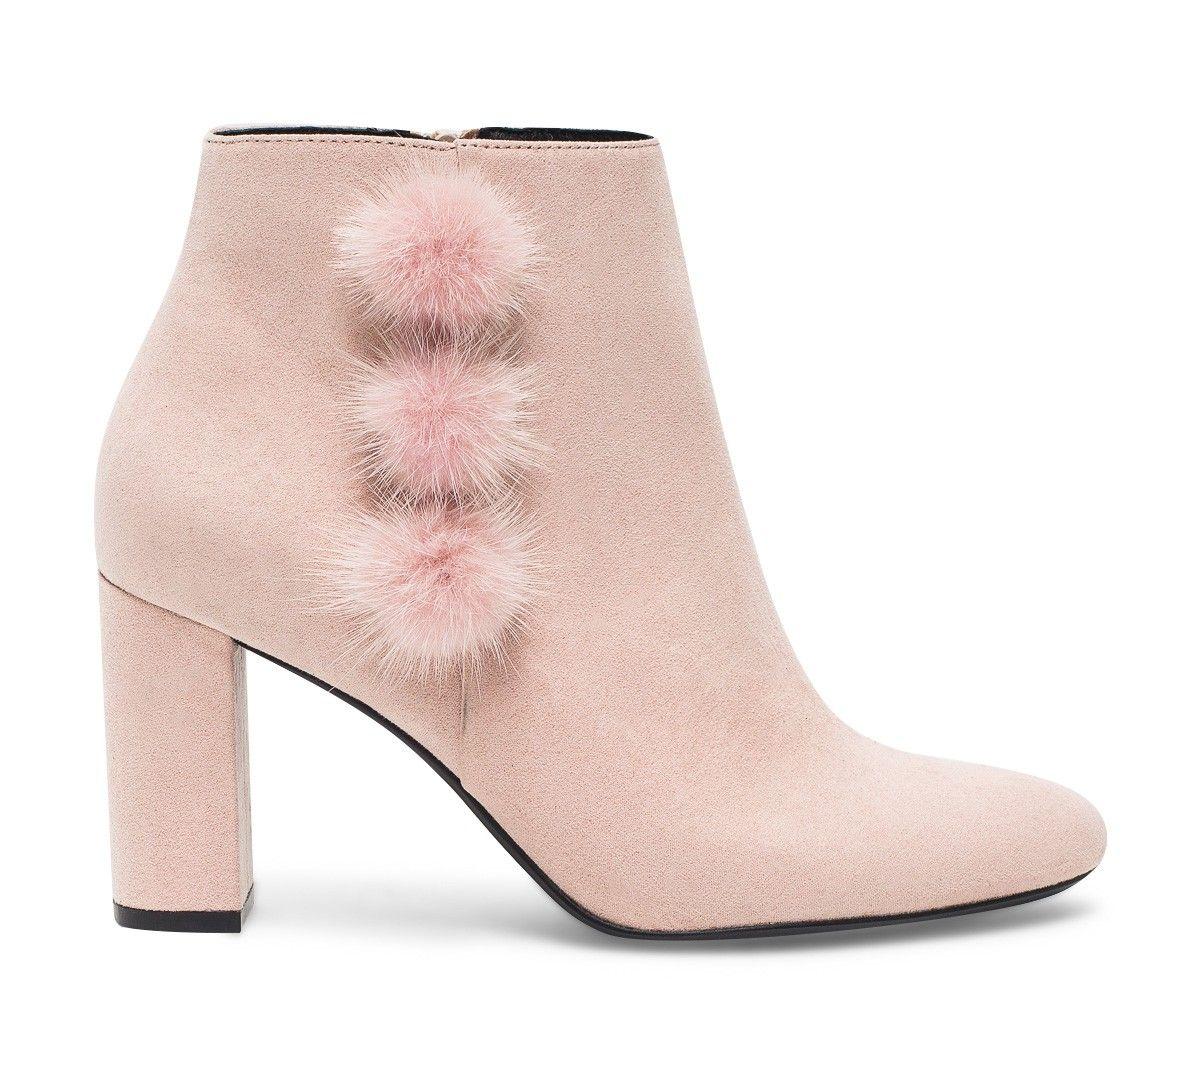 Boots rose à talon avec pompons - Boots / bottines - Chaussures femme